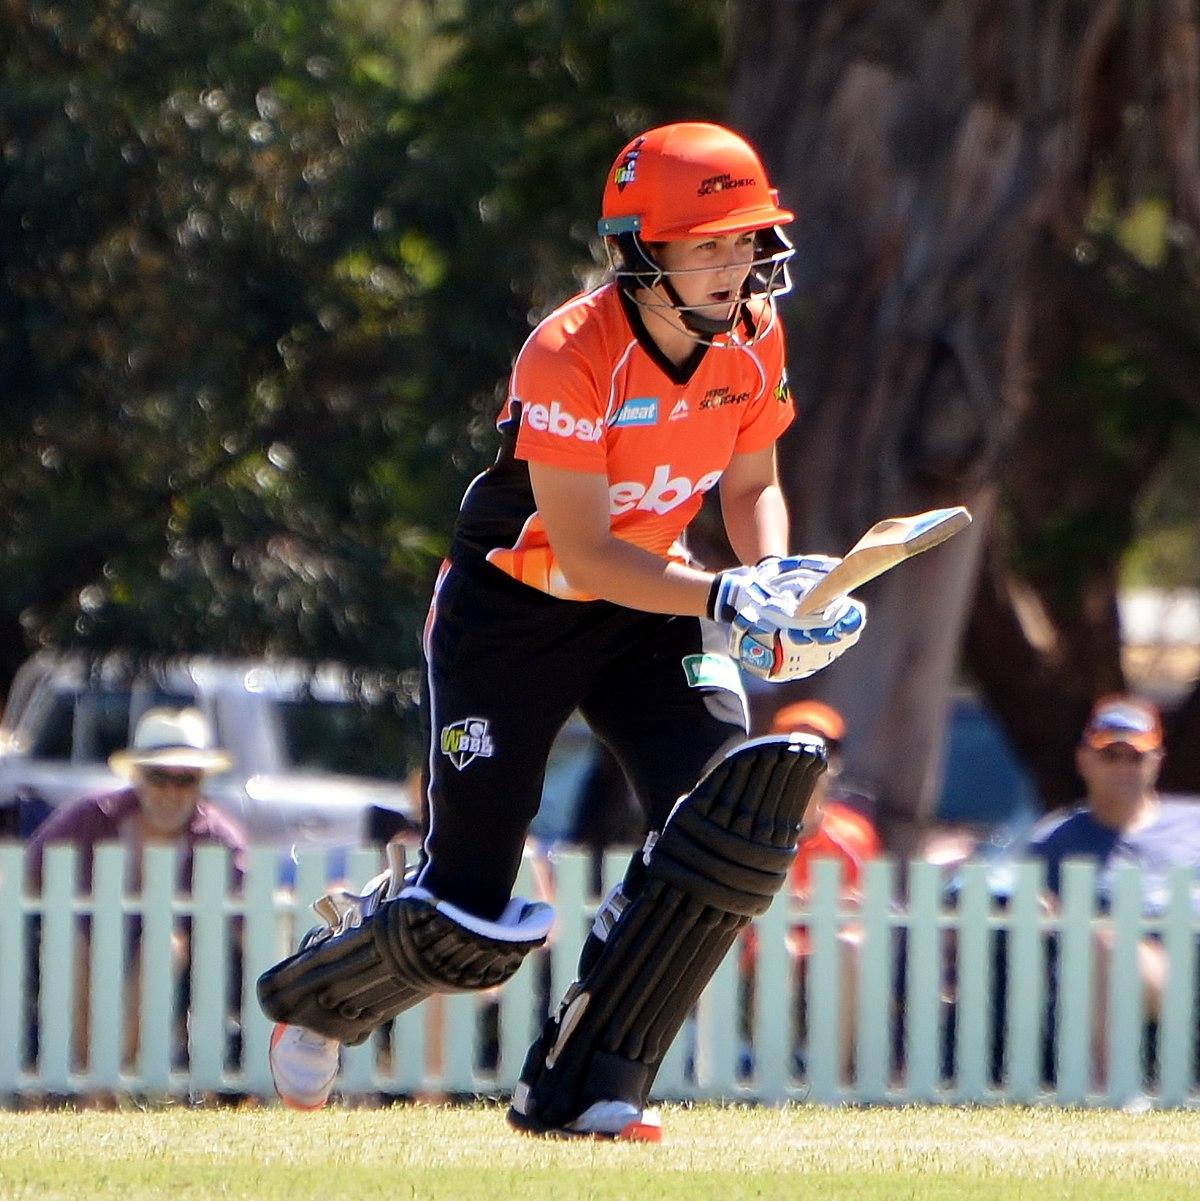 Heather Graham (cricketer)